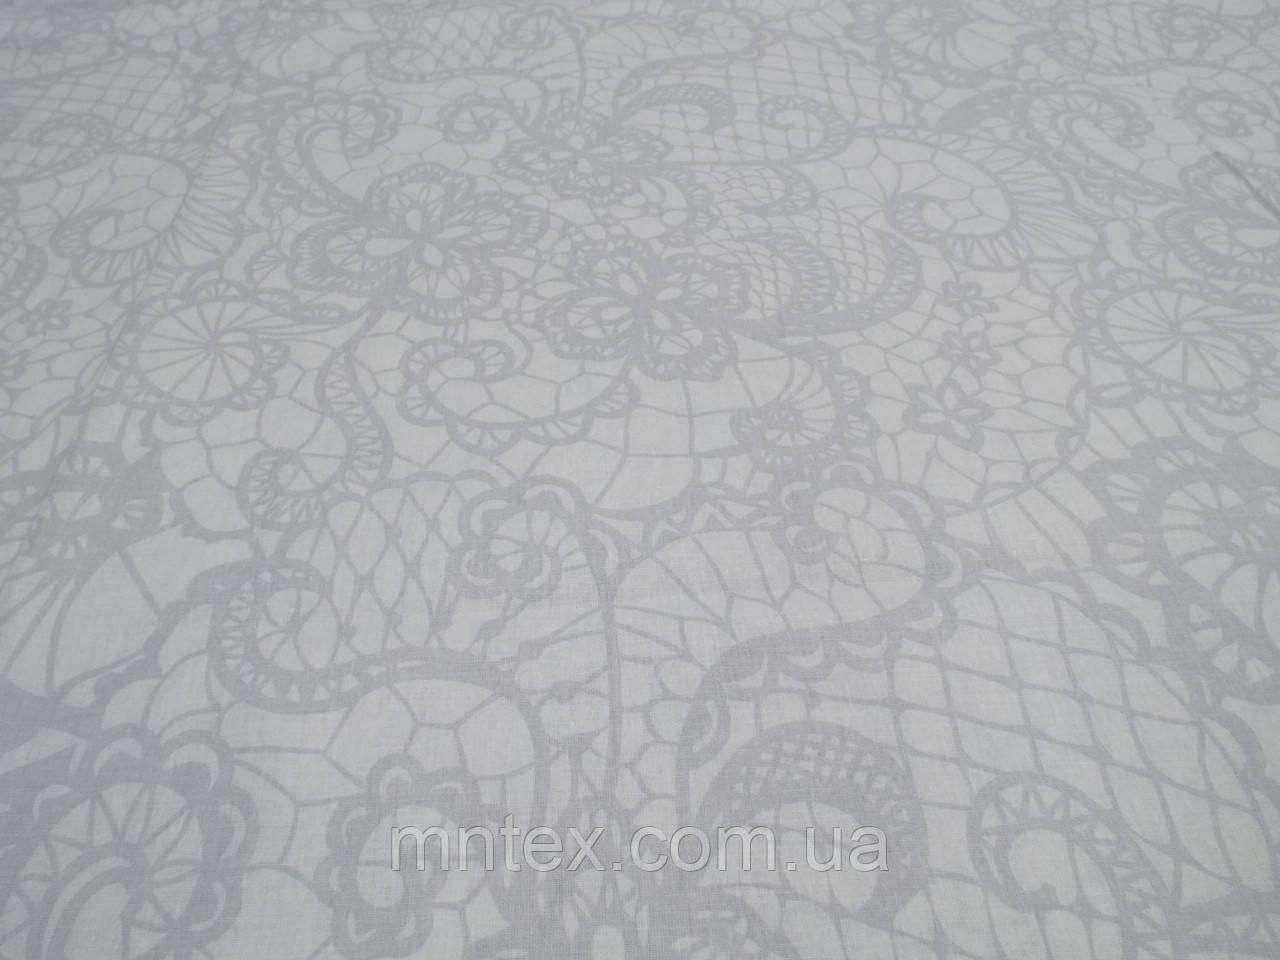 Ткань для пошива постельного белья поплин Аристократка